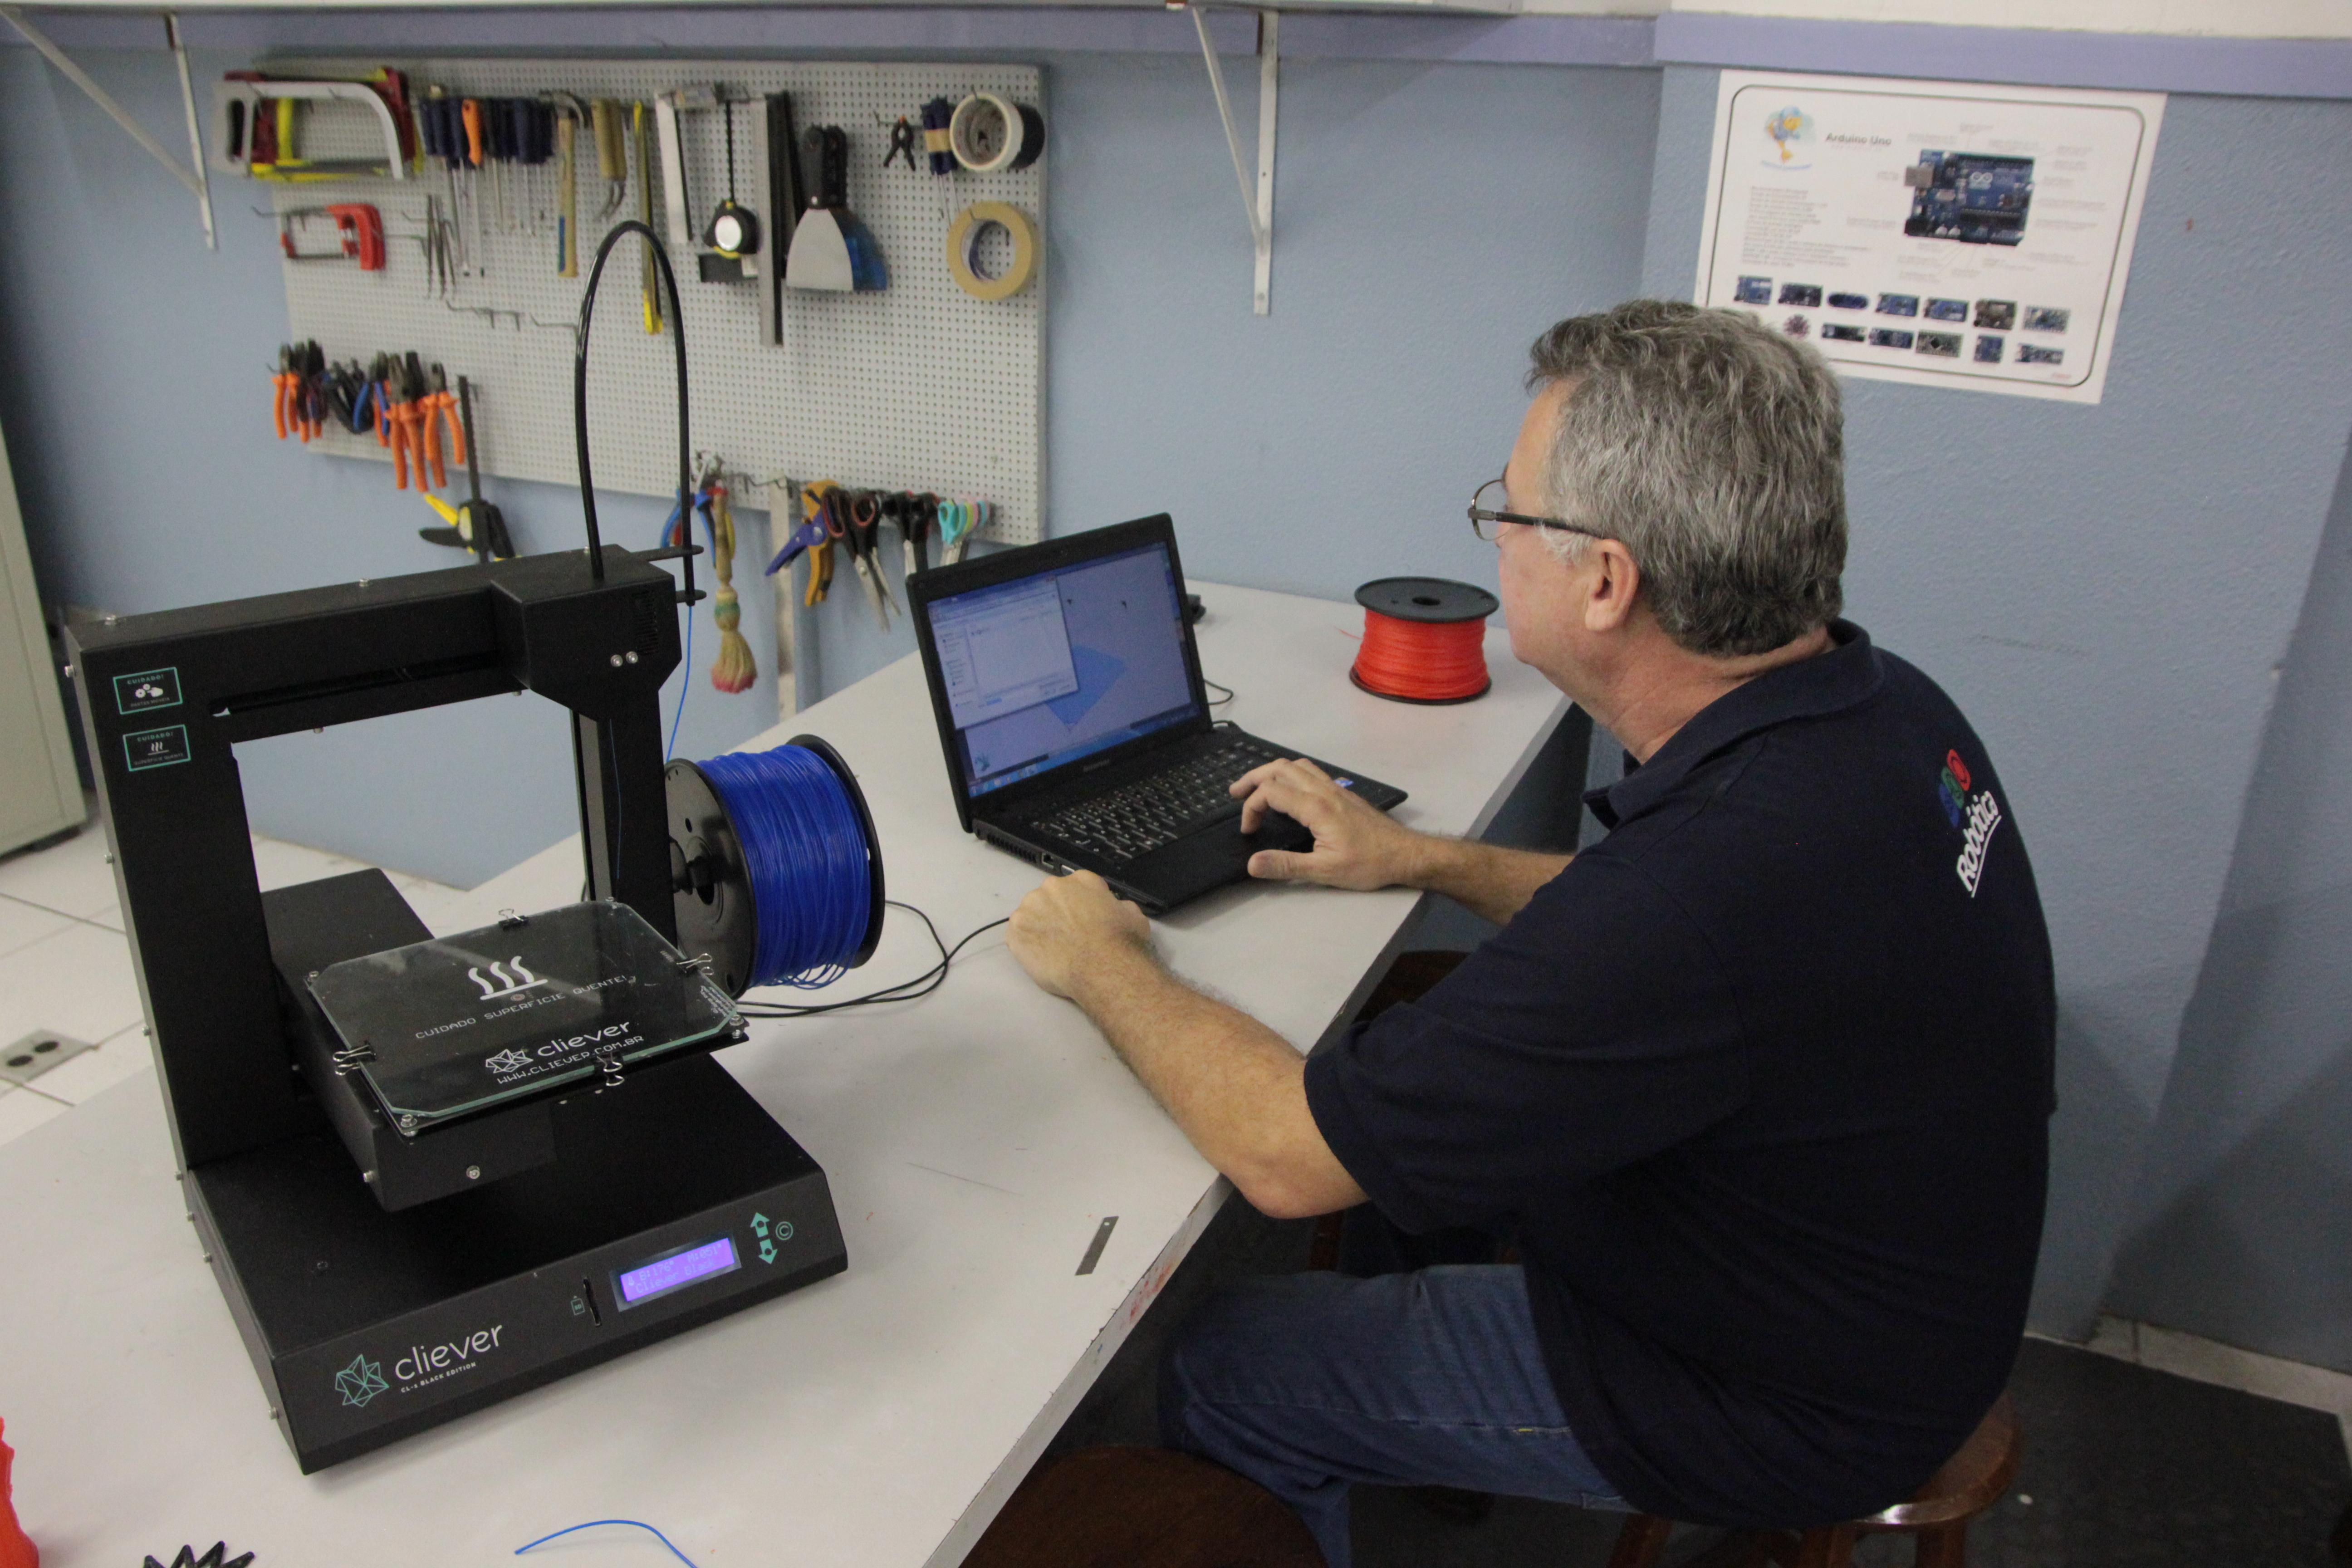 Escola de Fortaleza usa impressora 3D em aulas de Robótica